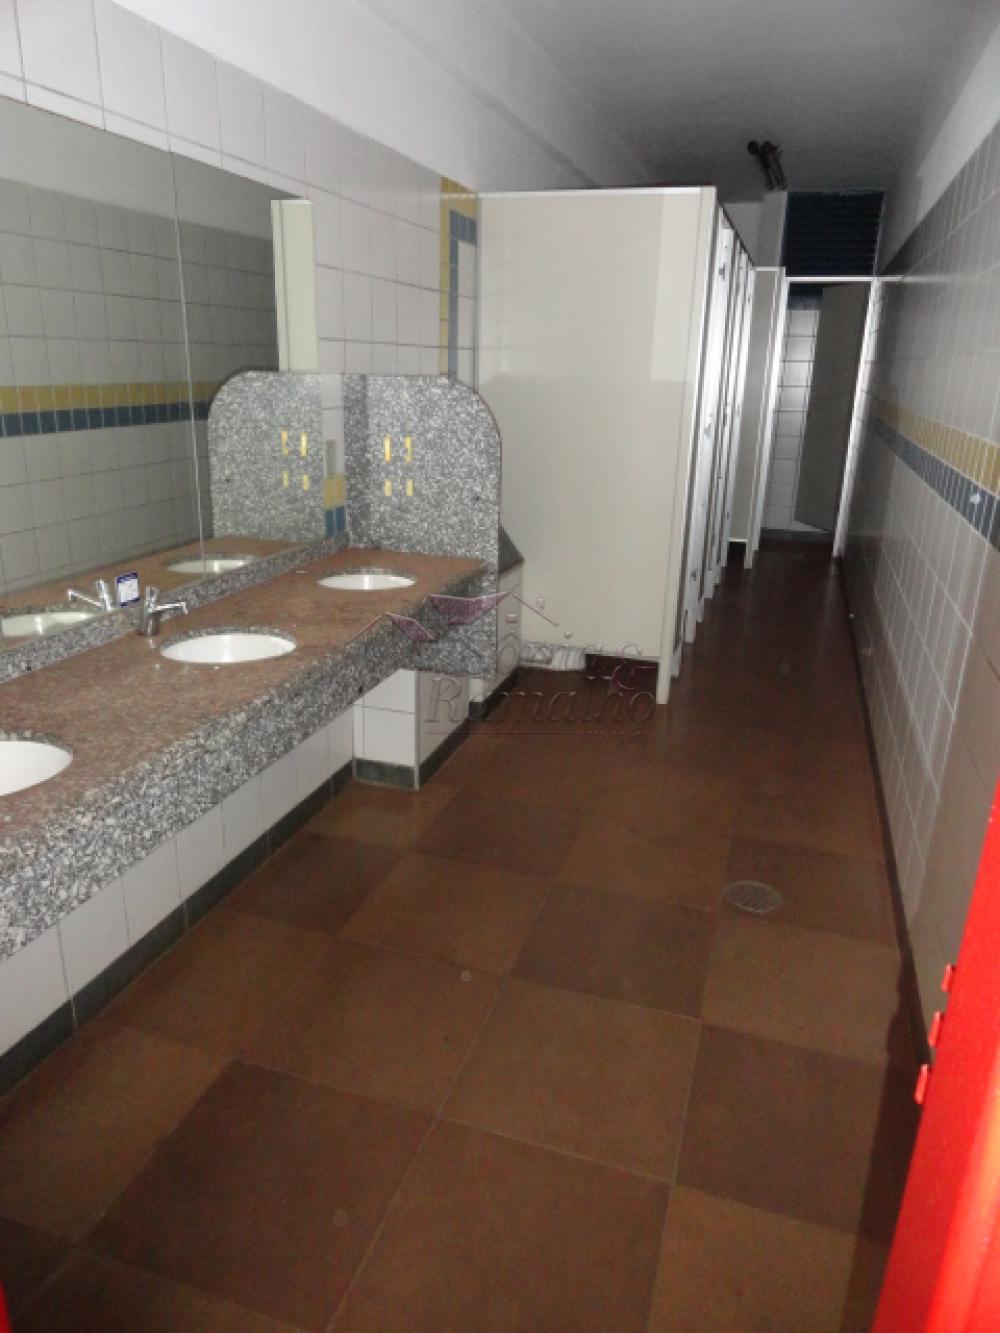 Alugar Comercial / Salão comercial em Ribeirão Preto apenas R$ 36.000,00 - Foto 6